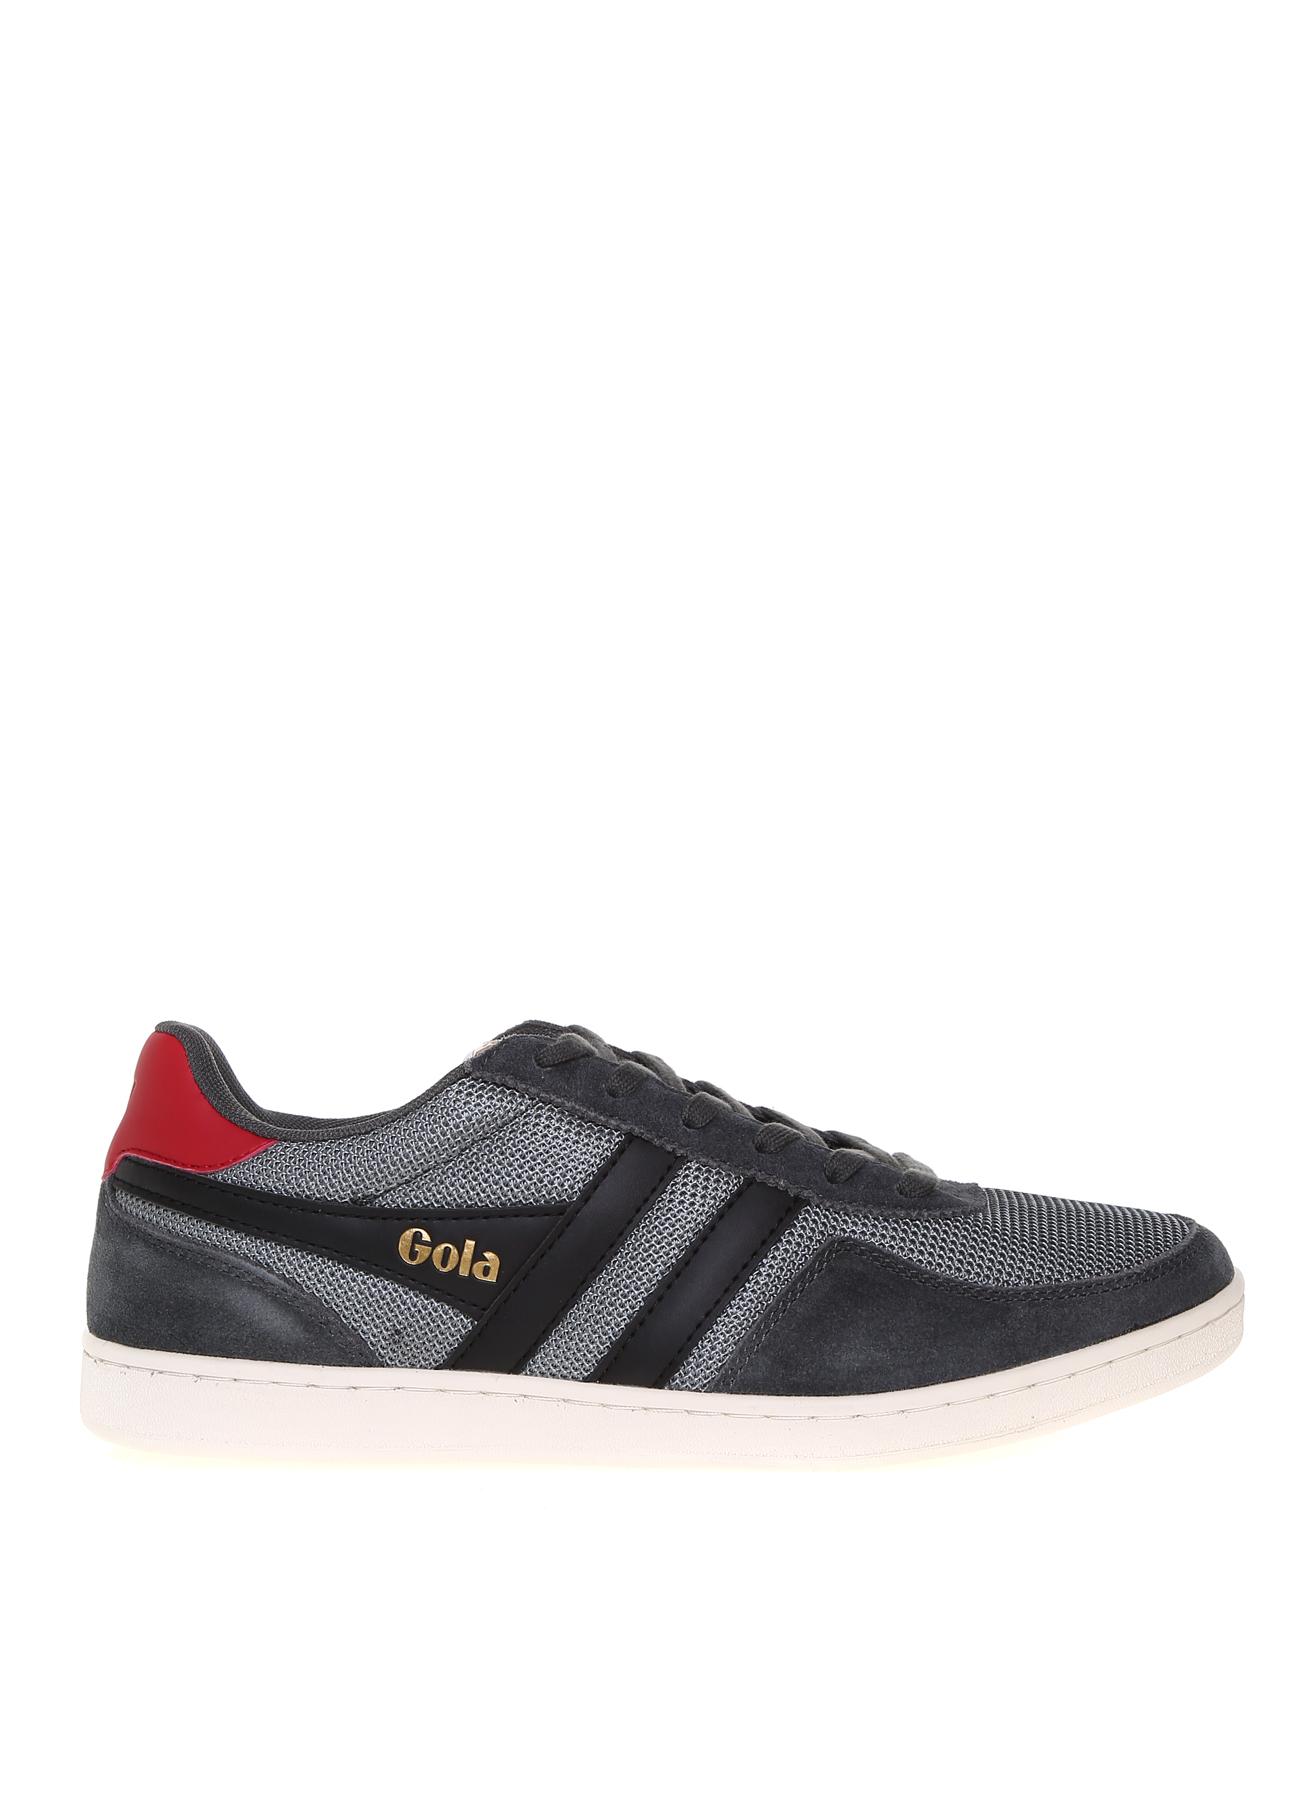 Gola Lifestyle Ayakkabı 43 5002362435003 Ürün Resmi